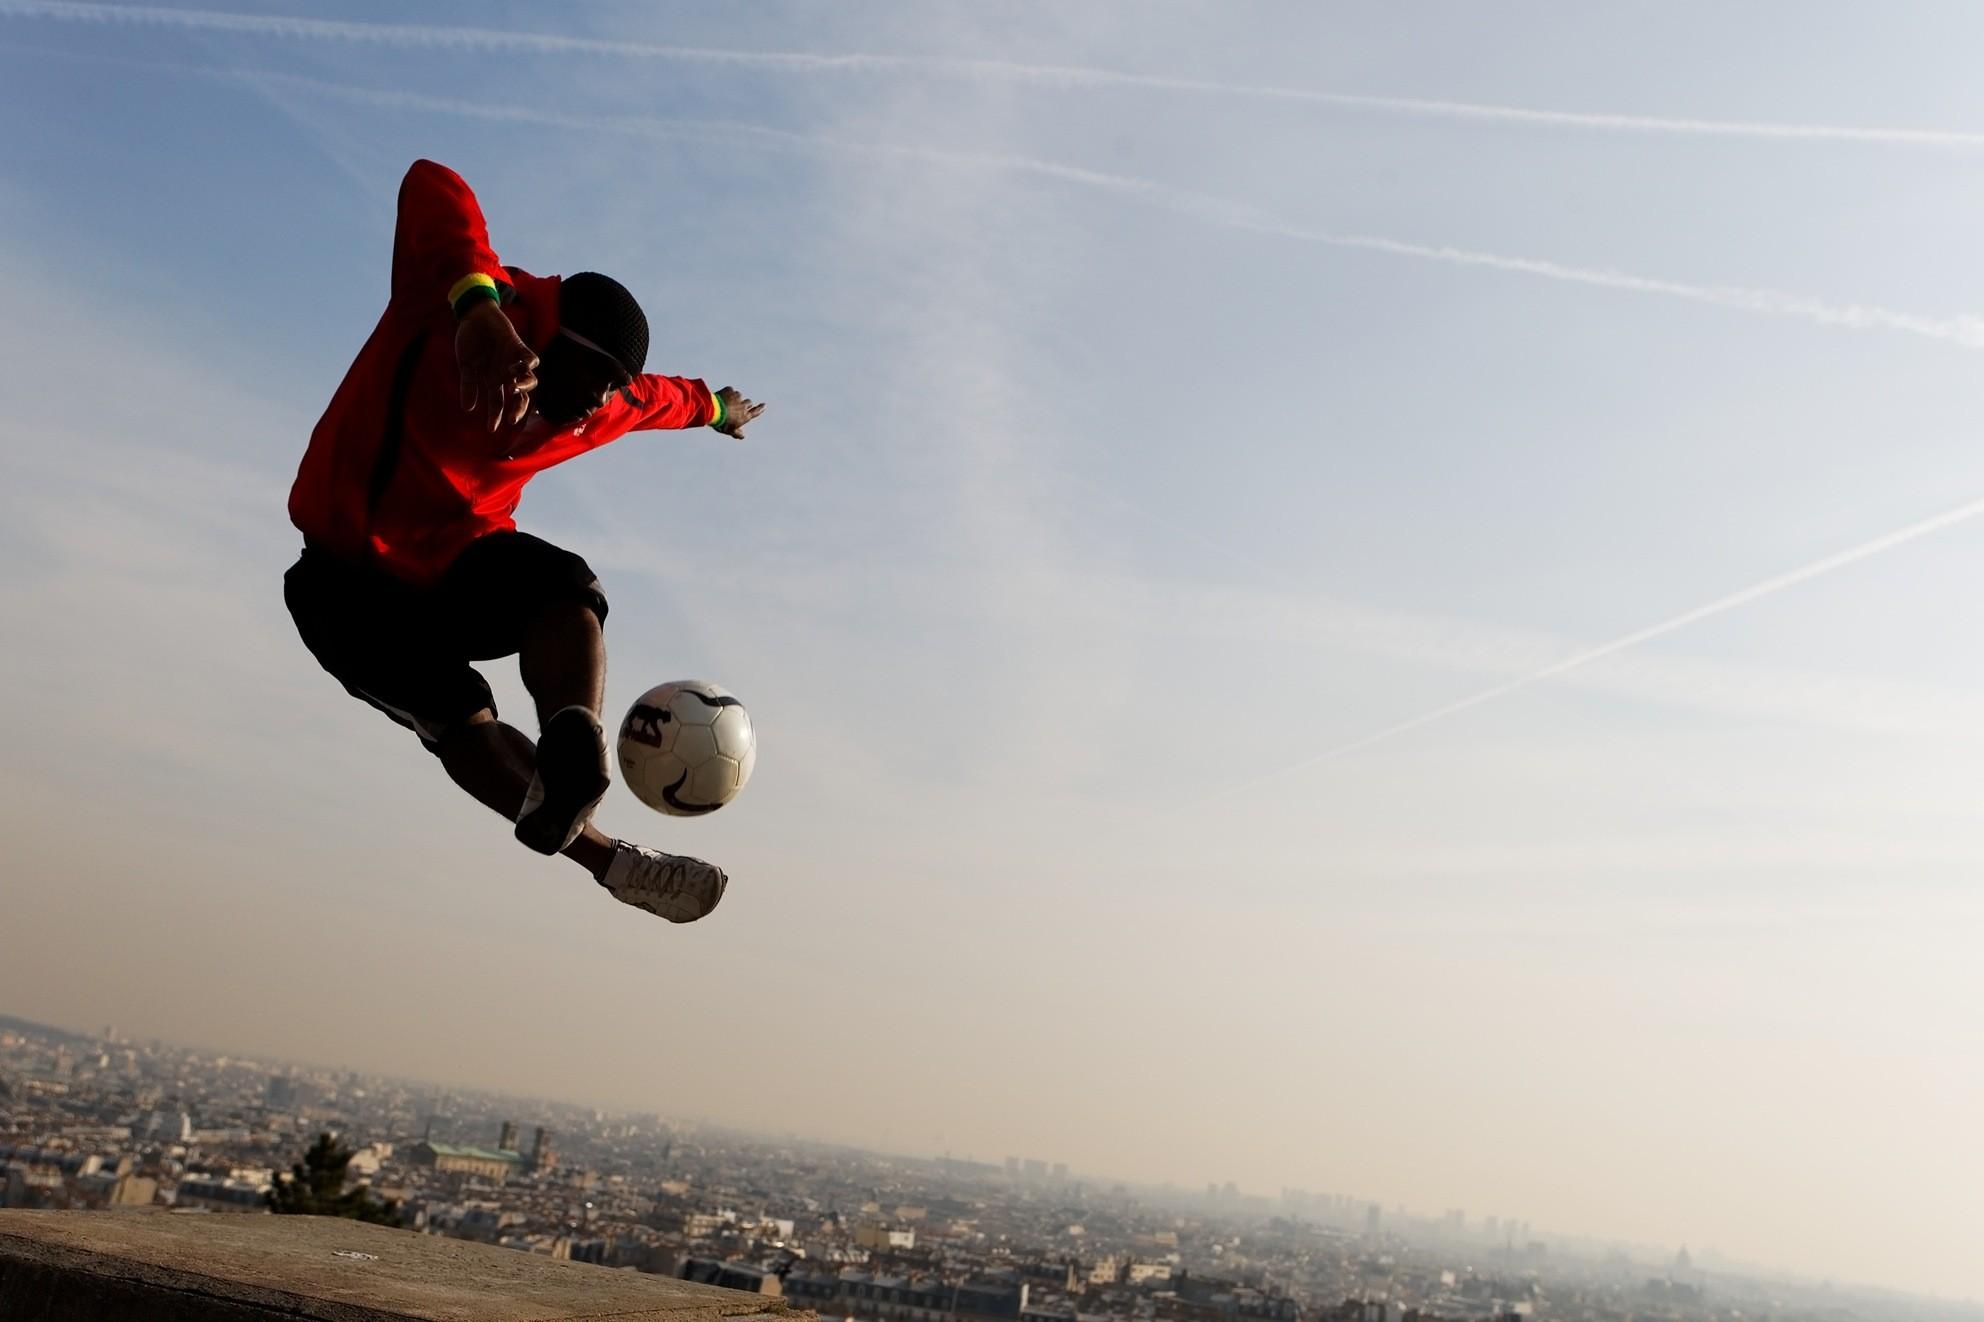 [转载]一招酷炫的花式足球动作图片